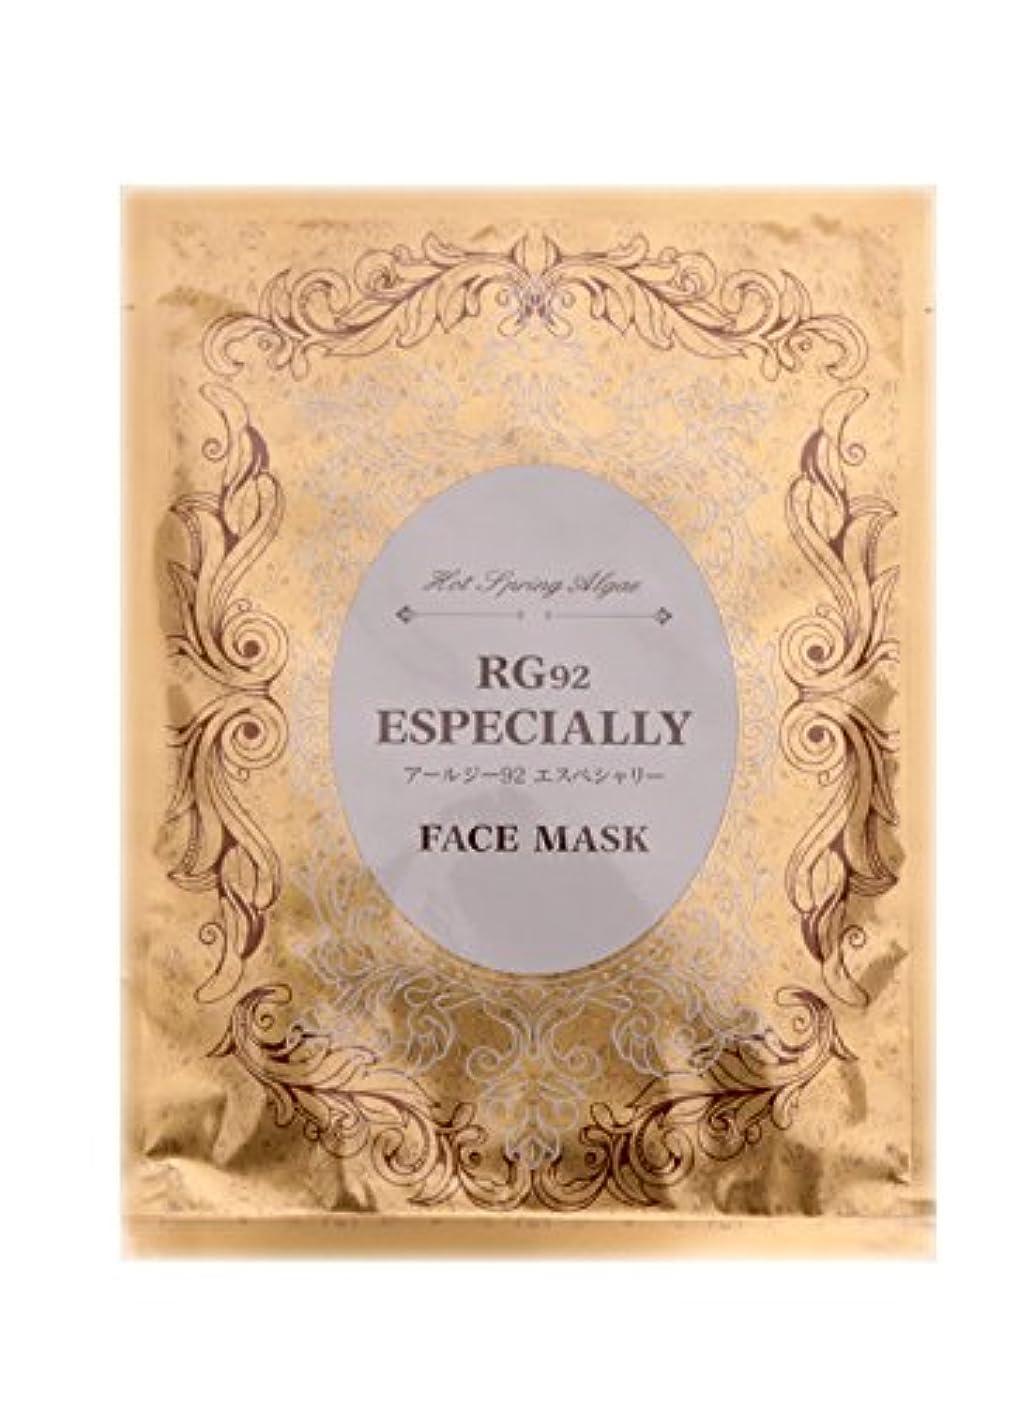 感じ隣人論争【超敏感肌用】 RG92美容液フェイスマスク 1枚